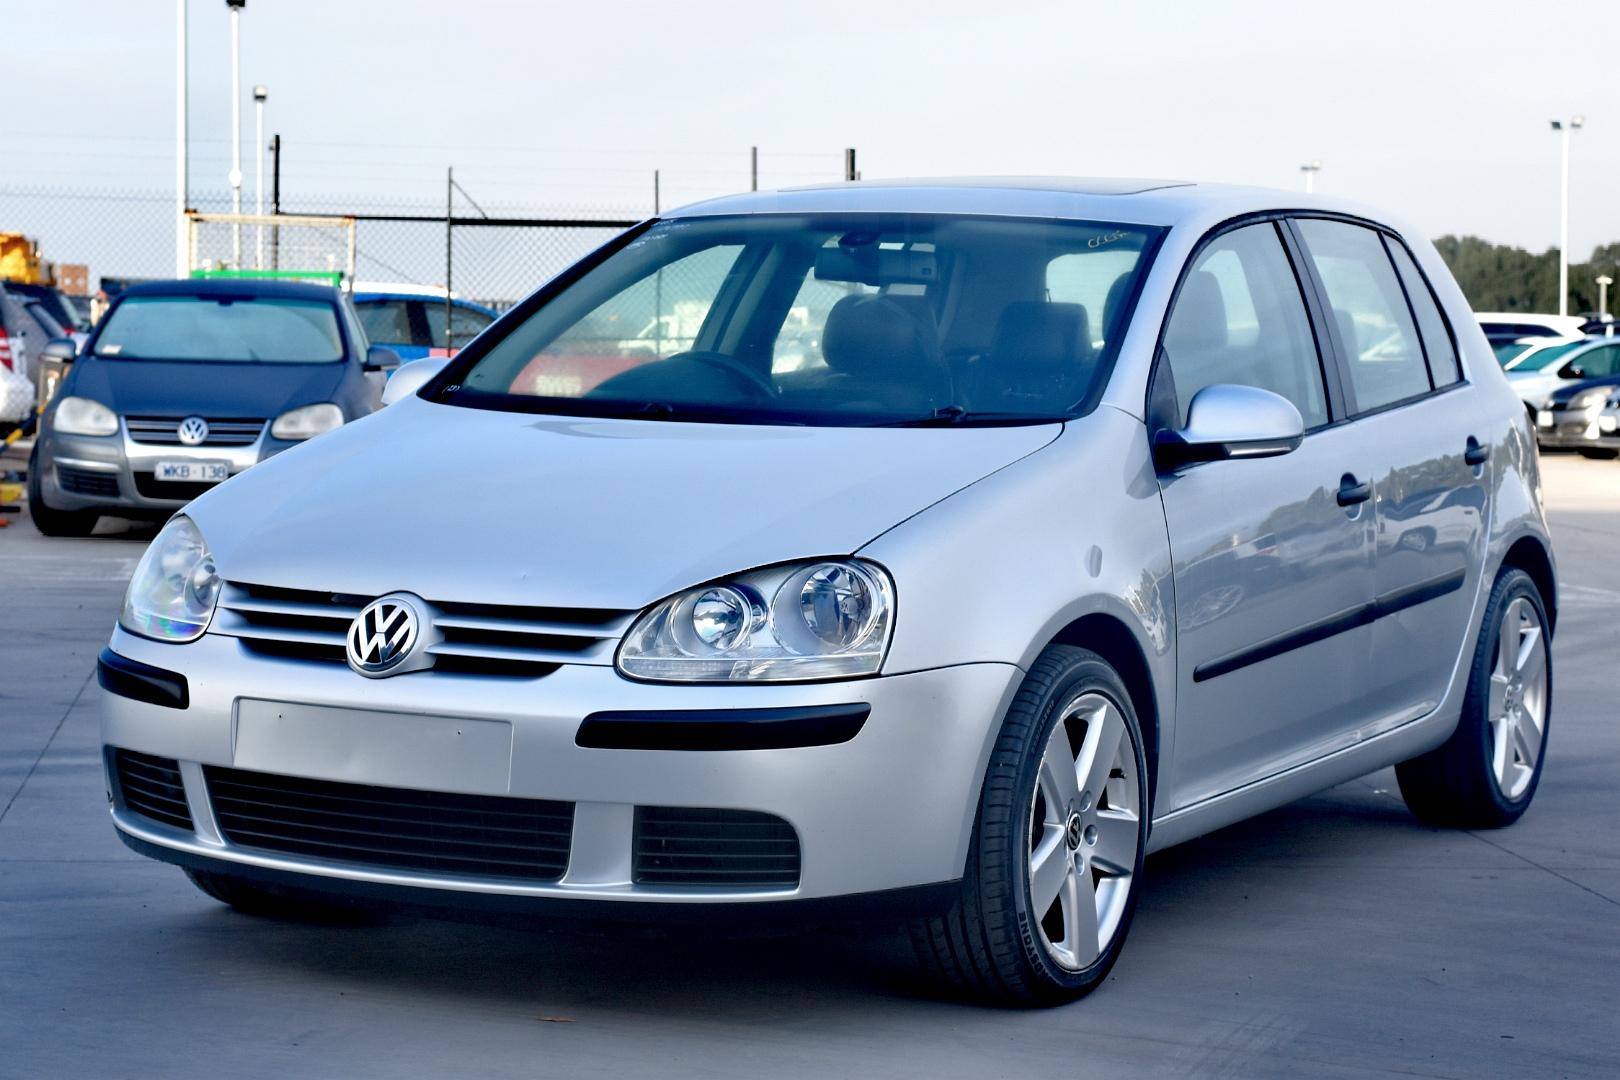 2005 Volkswagen Golf 1.9 TDI Comfortline 1k T/D Auto Hatch (WOVR)